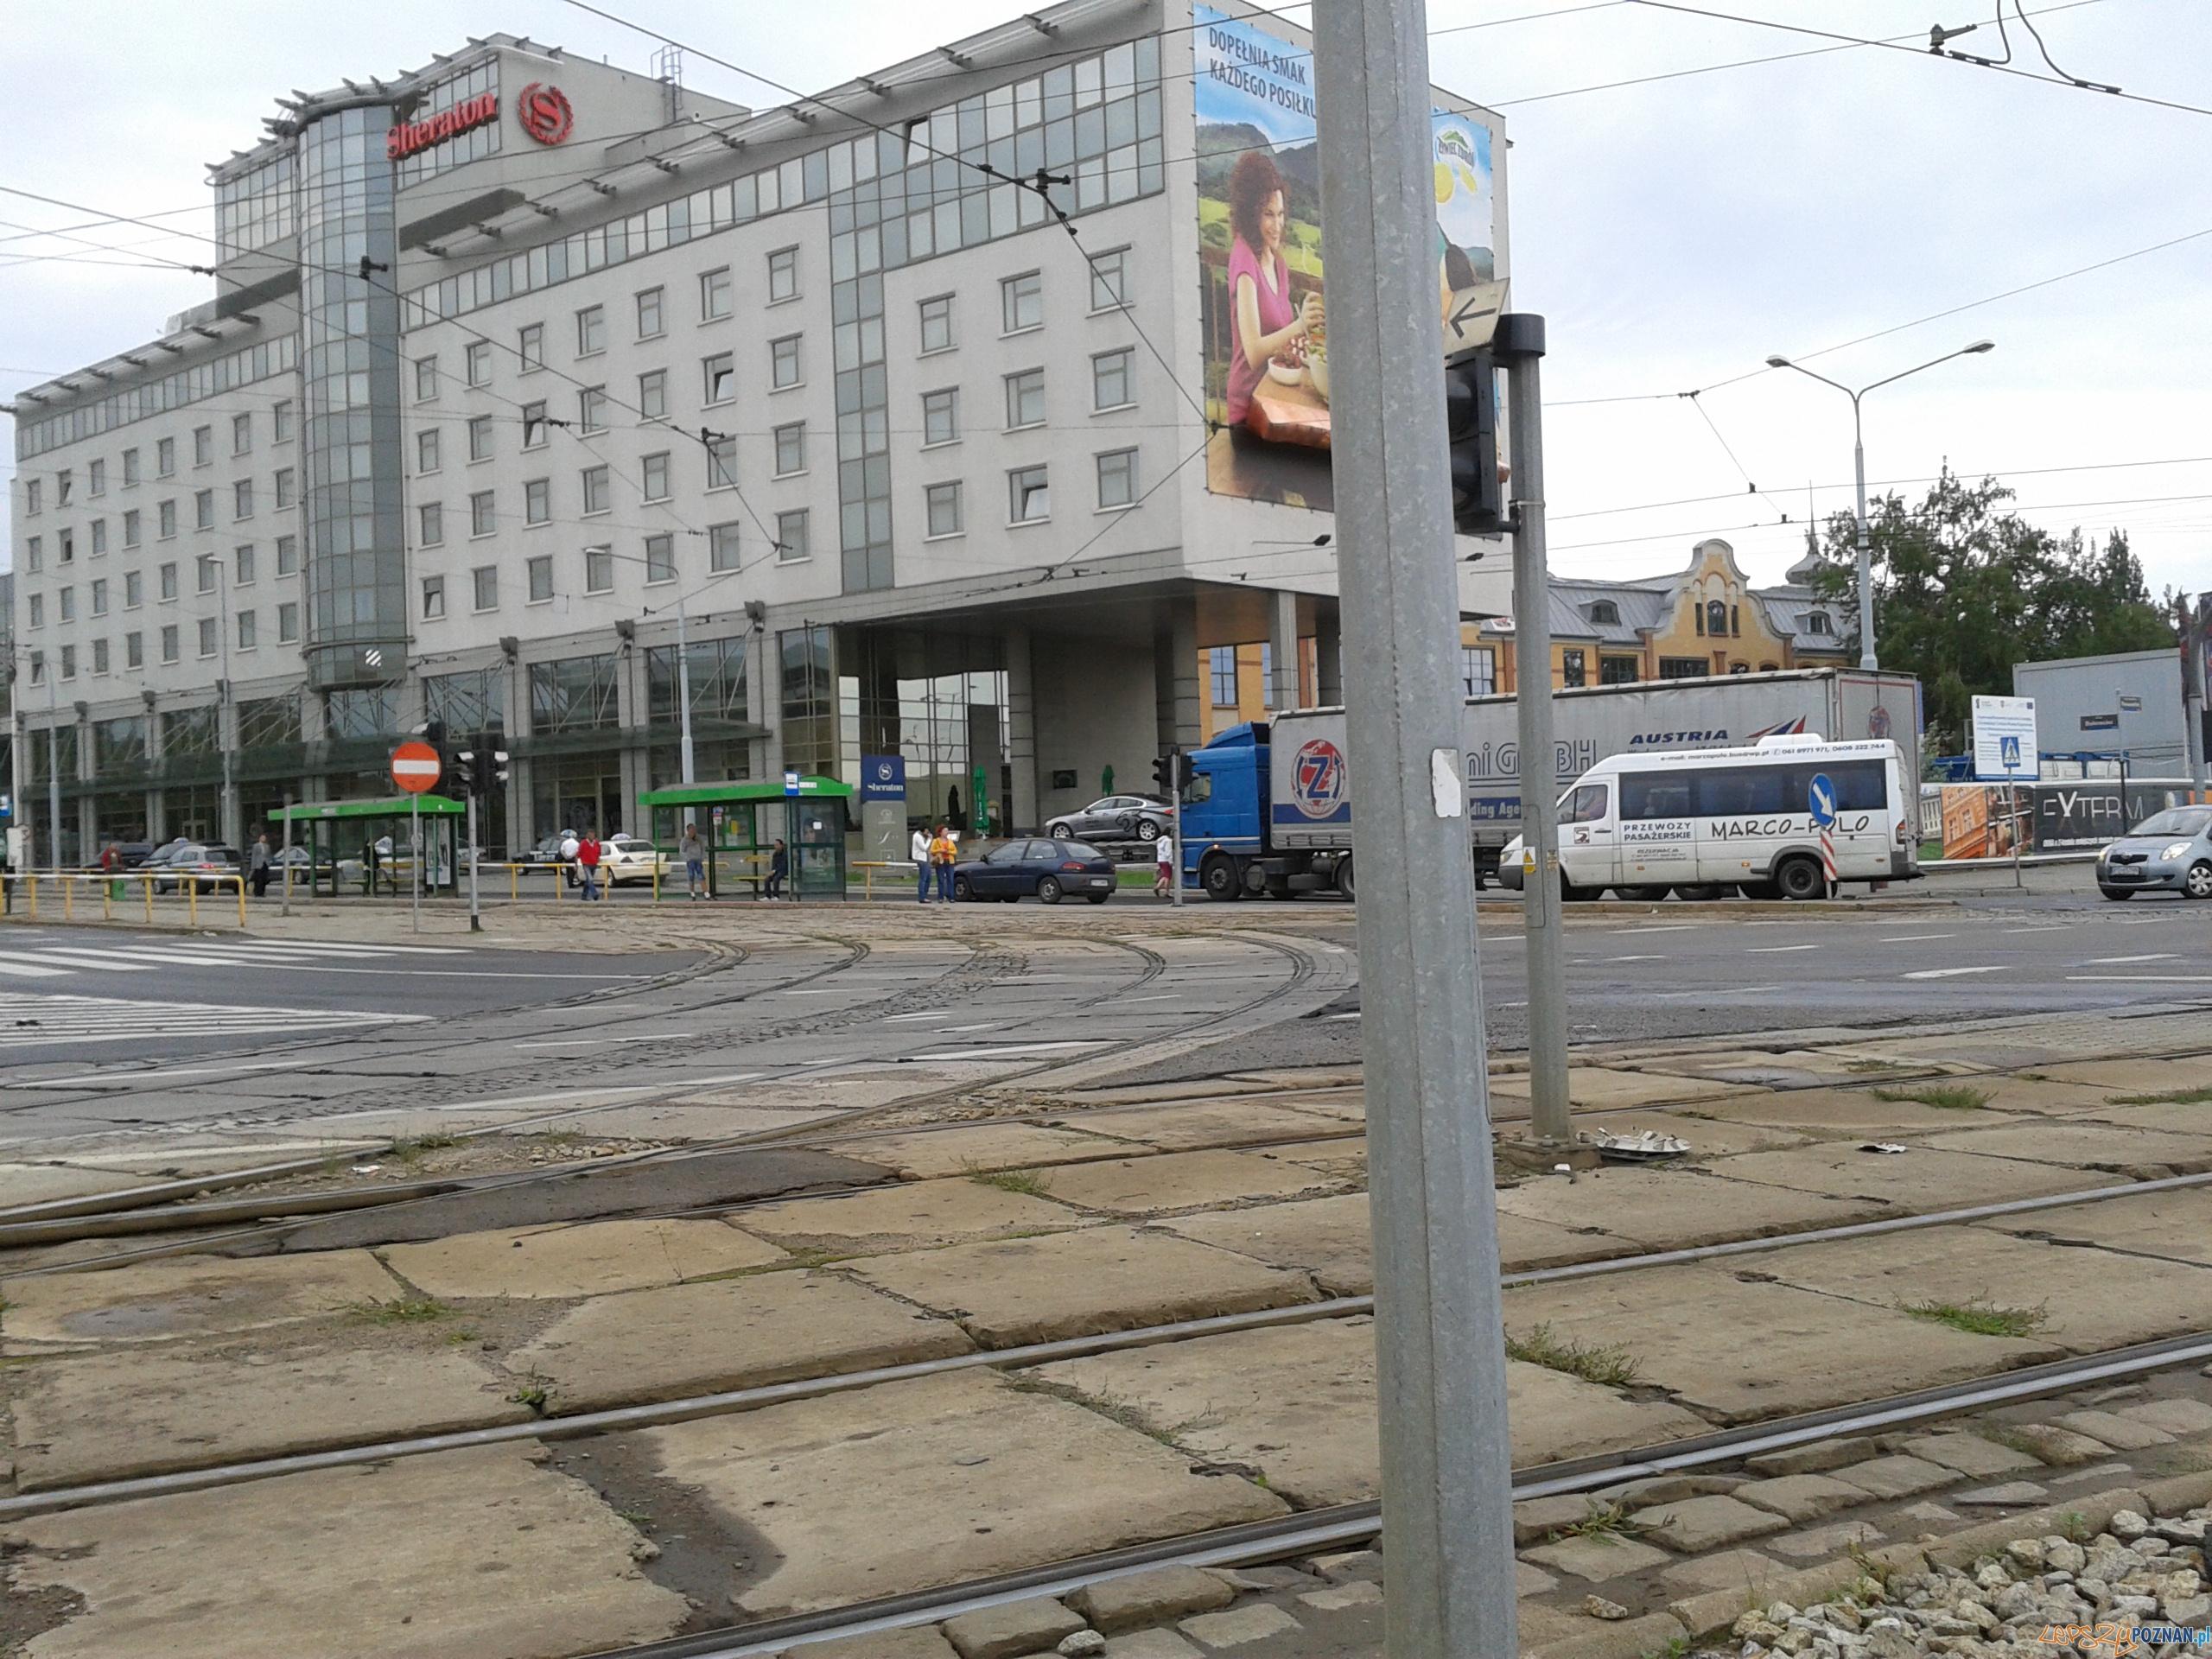 Kolizja przy Sheratonie  Foto: lepszyPOZNAN.pl / gsm